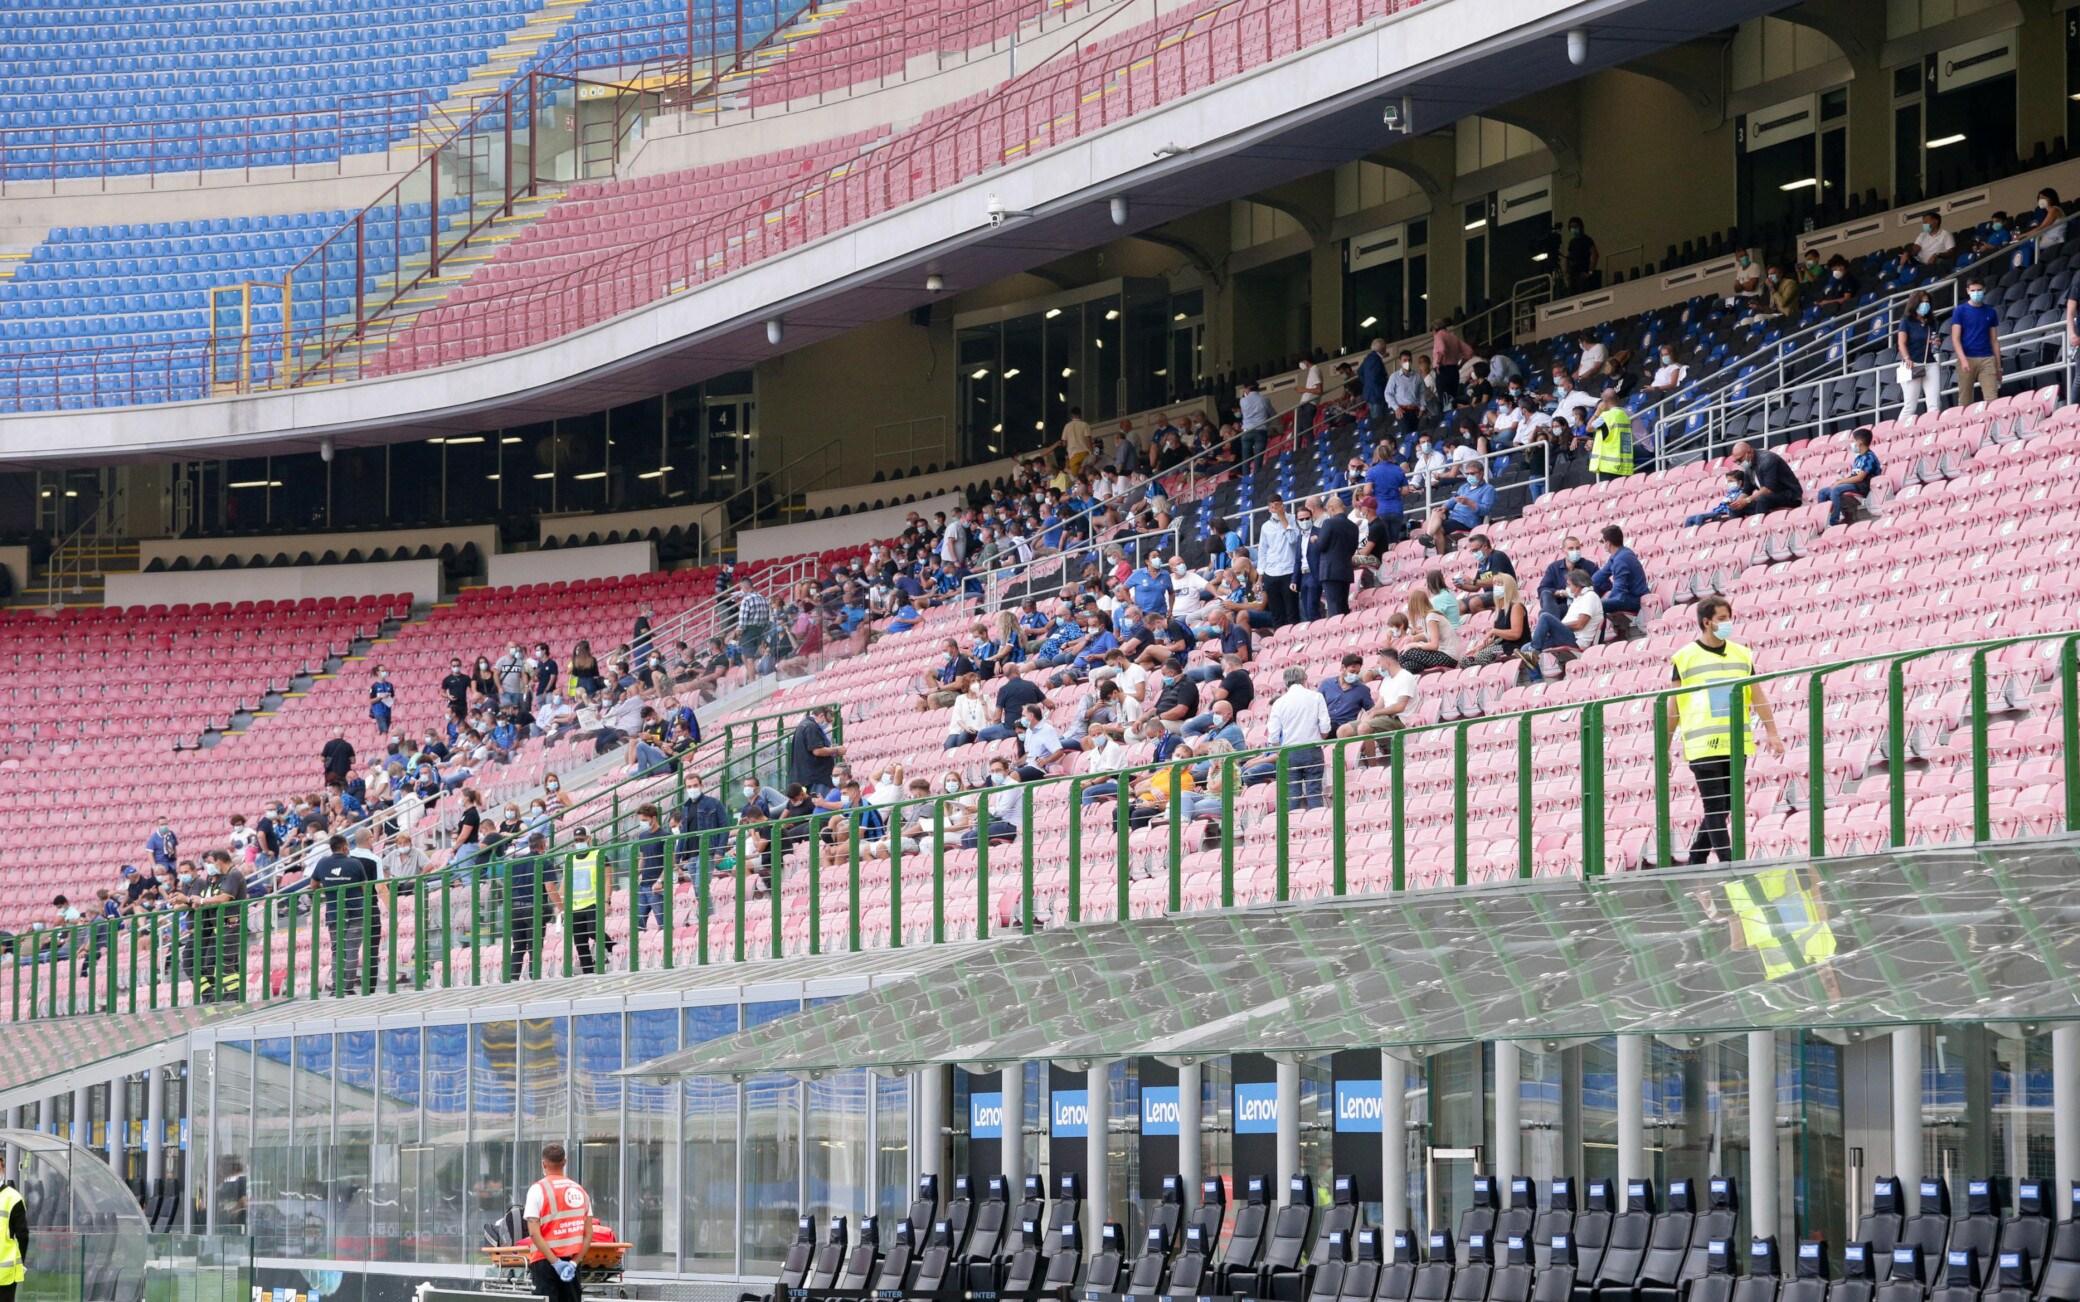 Calcio, dal 20 settembre stadi di Serie A aperti per mille persone